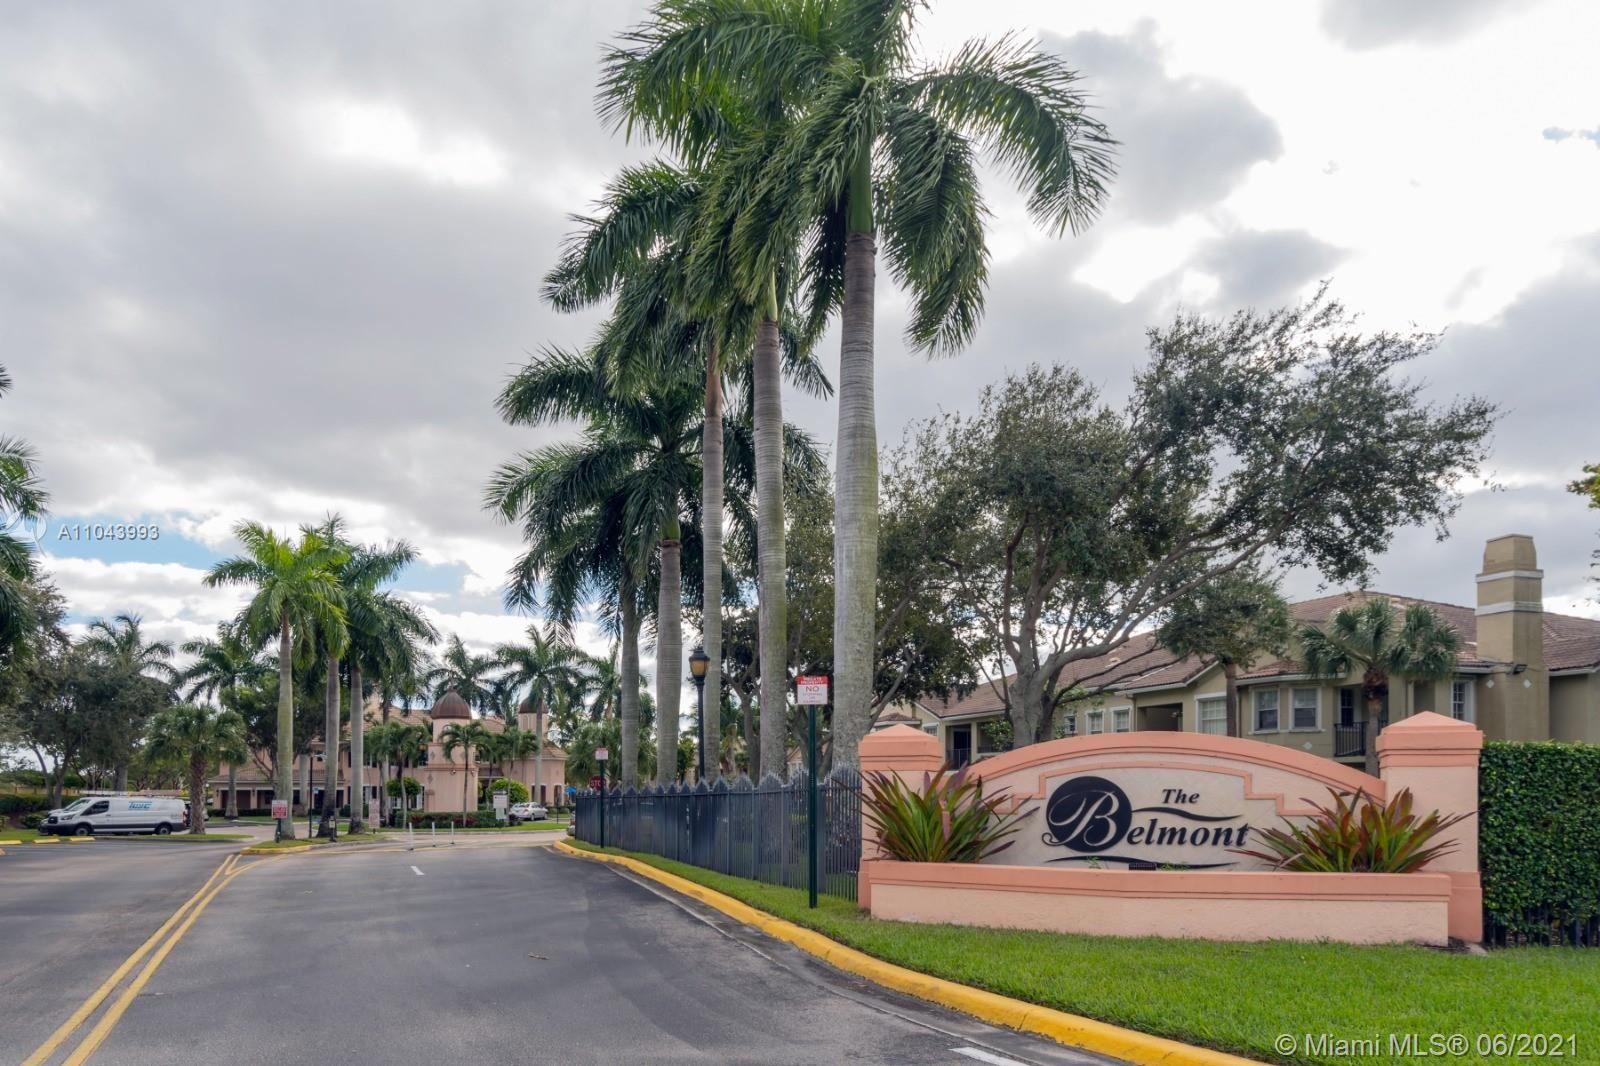 1308 Belmont Ln #1308, North Lauderdale, FL 33068 - #: A11043993